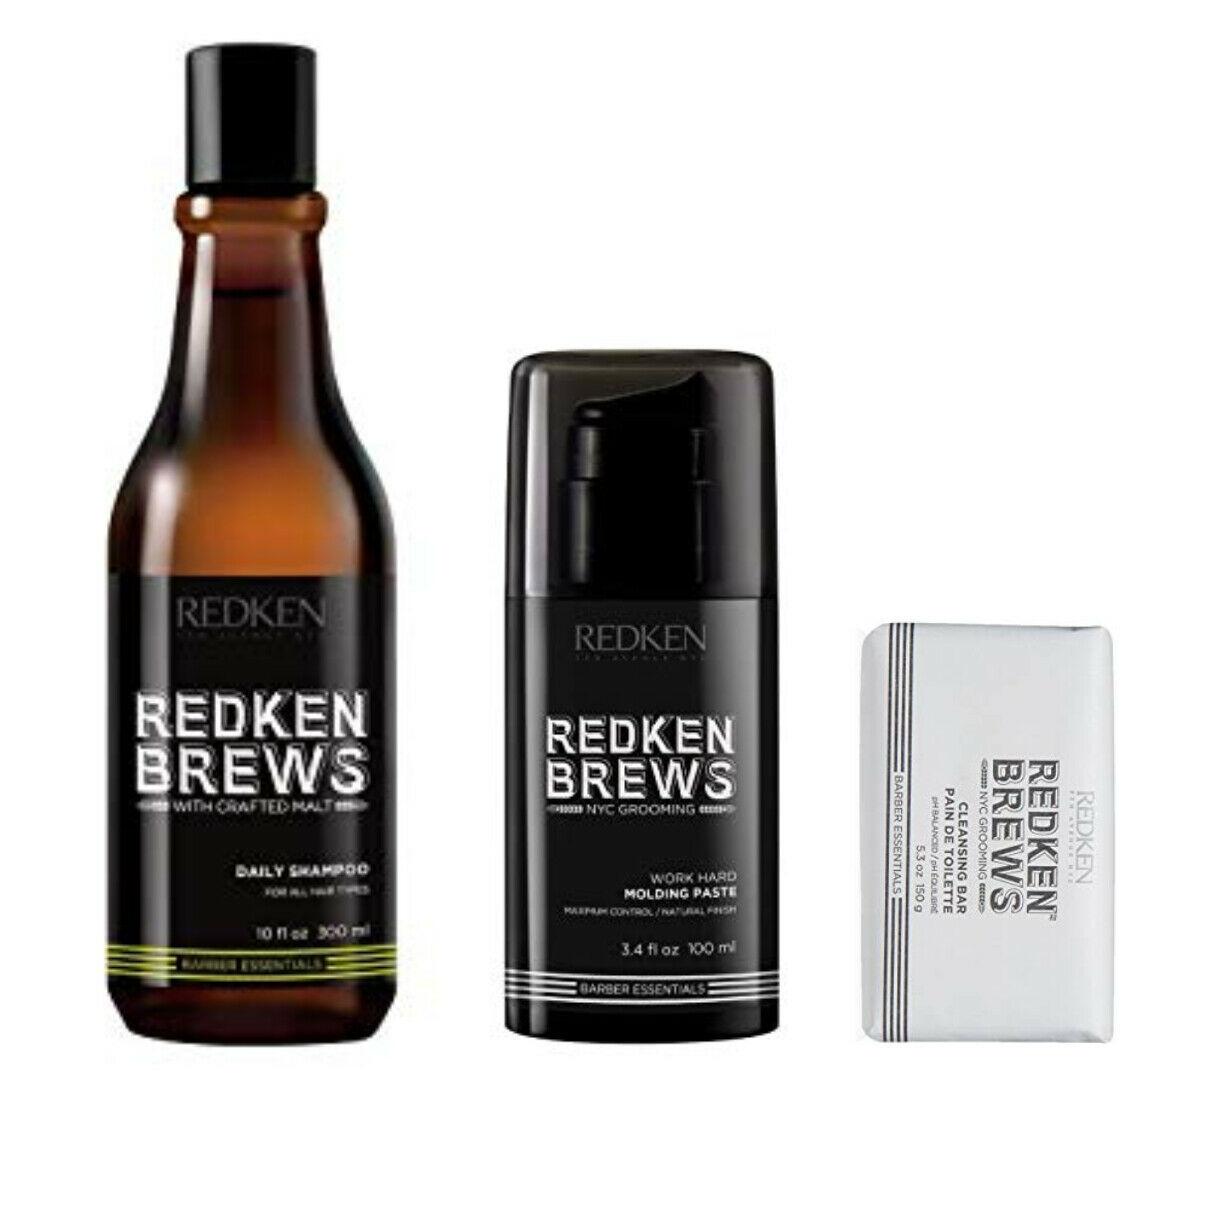 Redken Cheers to Brews 3pcs Set - $32.99